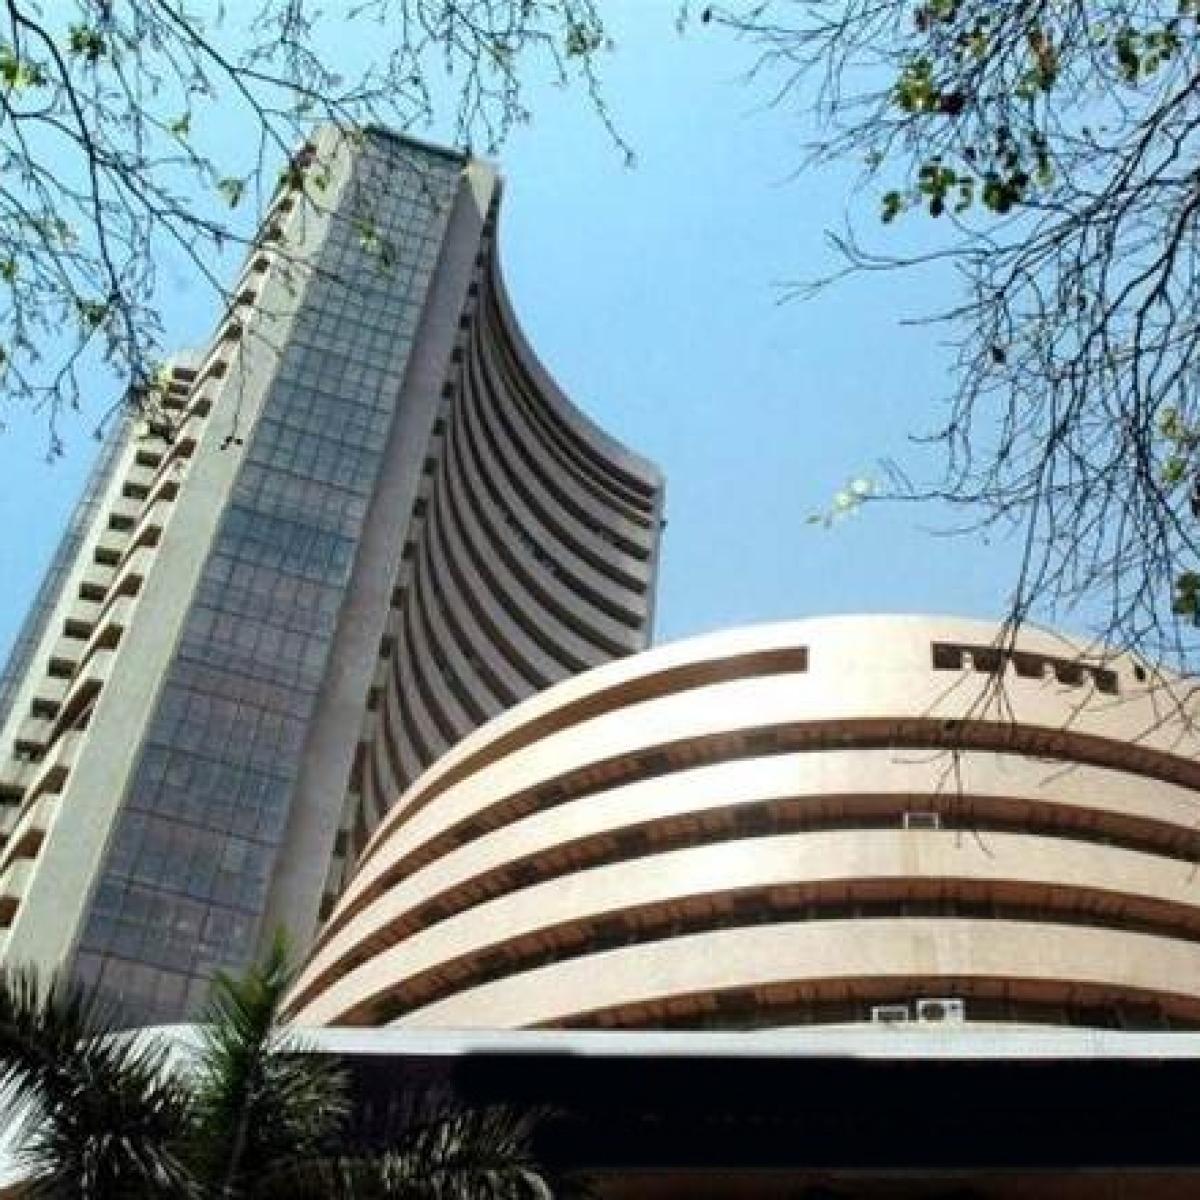 Sensex tumbles by 416 points, Kotak Mahindra Bank, RIL fall post Q3 earnings